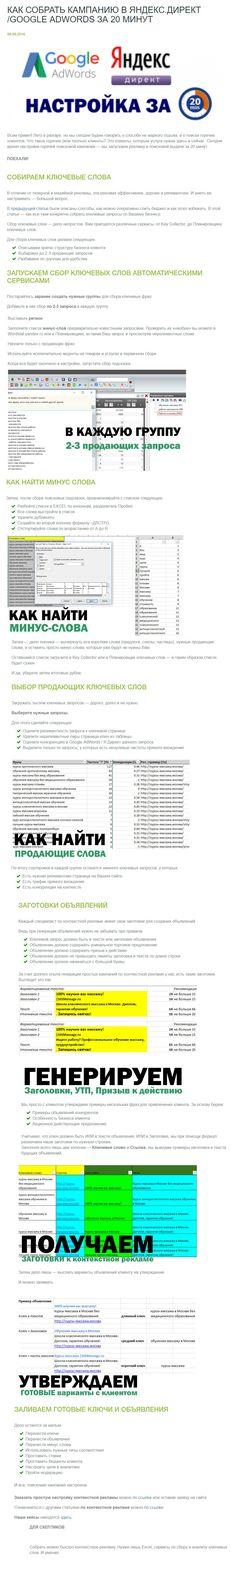 Инфографика Seoquick